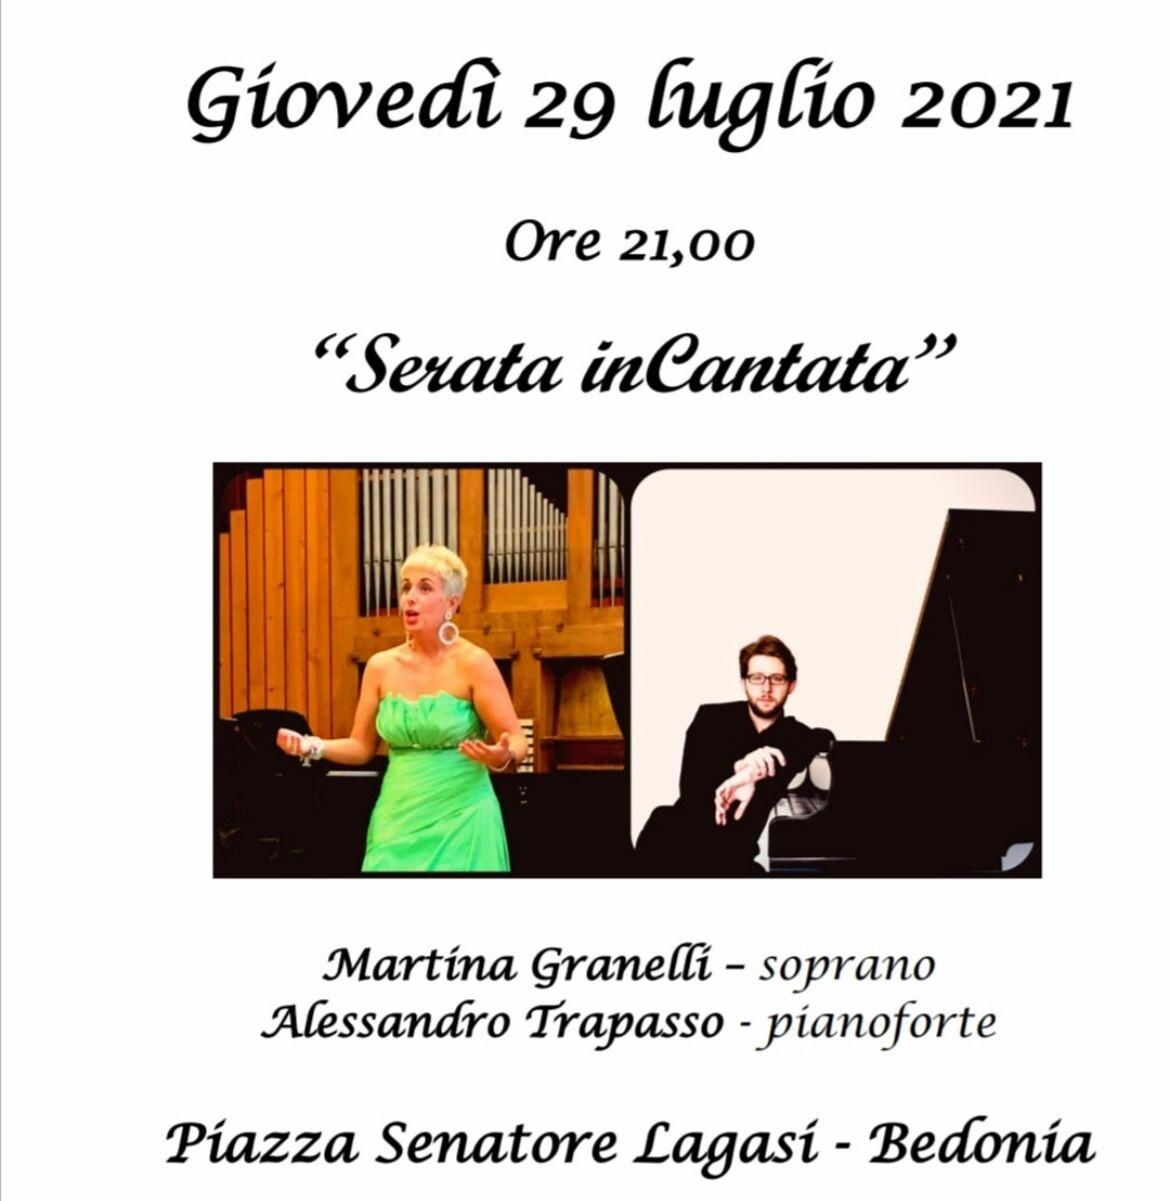 Arte Kunst Festival: concerto del soprano bedoniese Martina Granelli accompagnata al pianoforte dal maestro Alessandro Trapasso